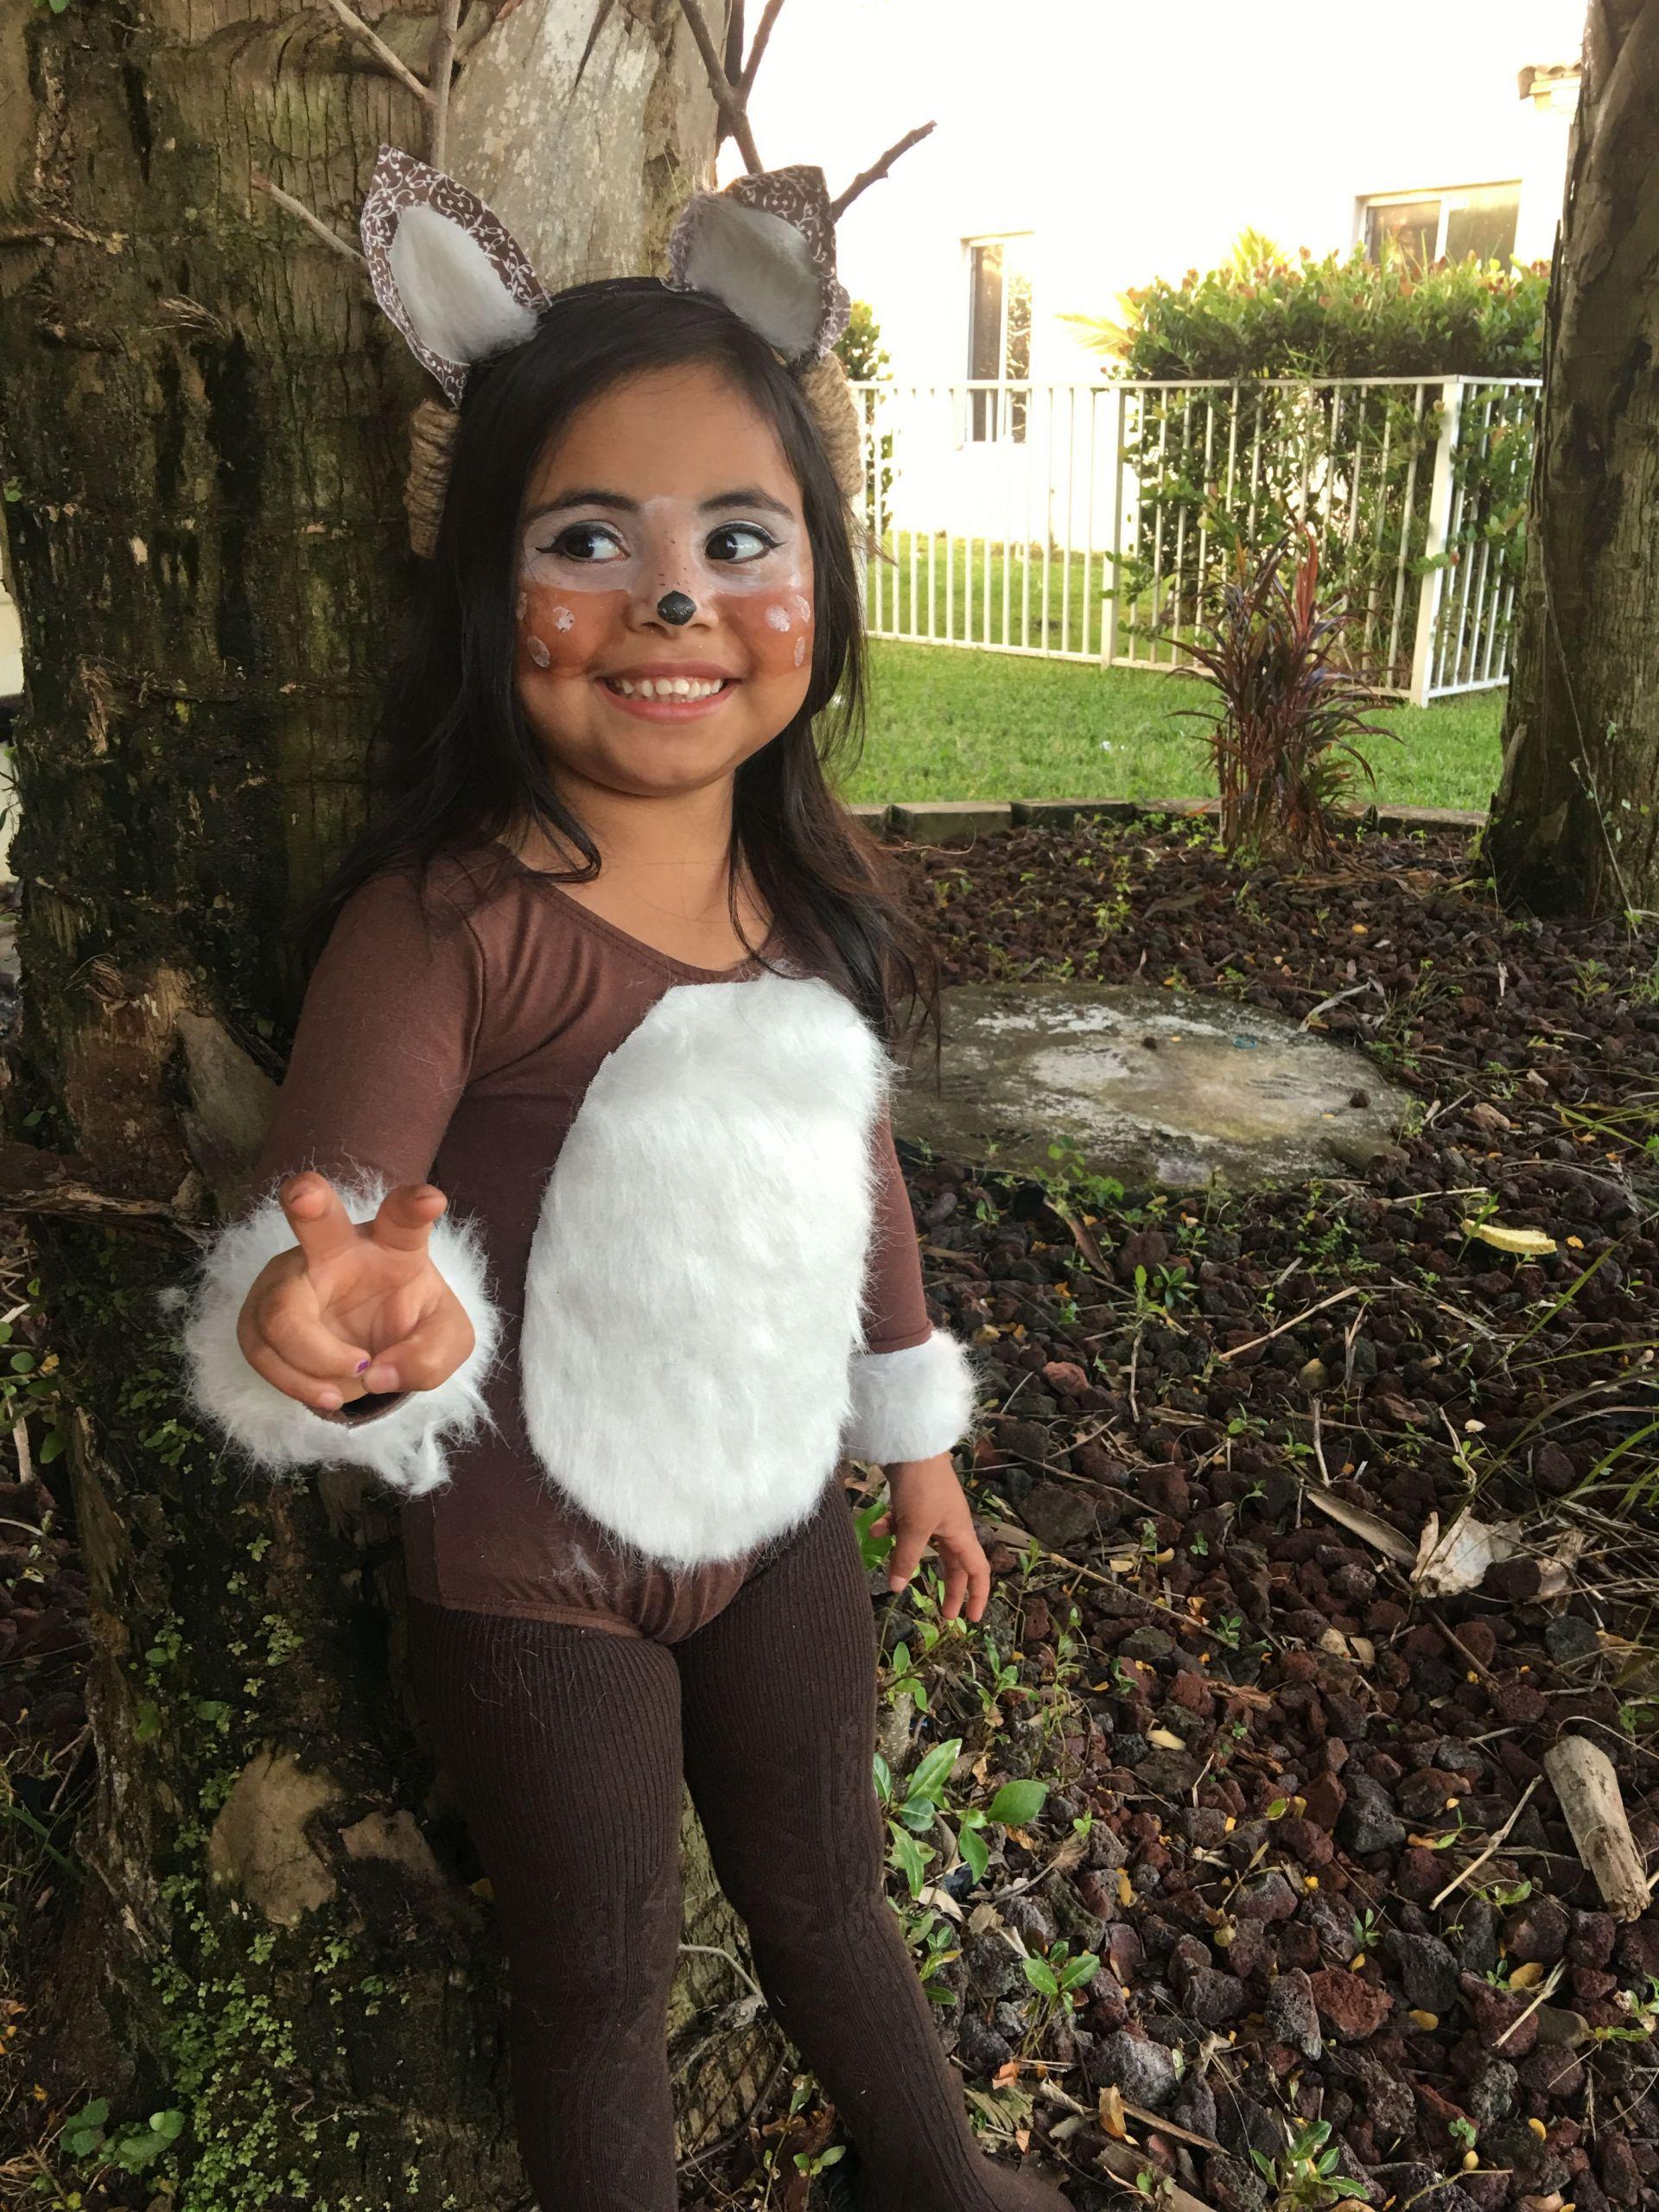 DIY Reindeer Costumes  Reindeer Doe Costume Halloween DIY …